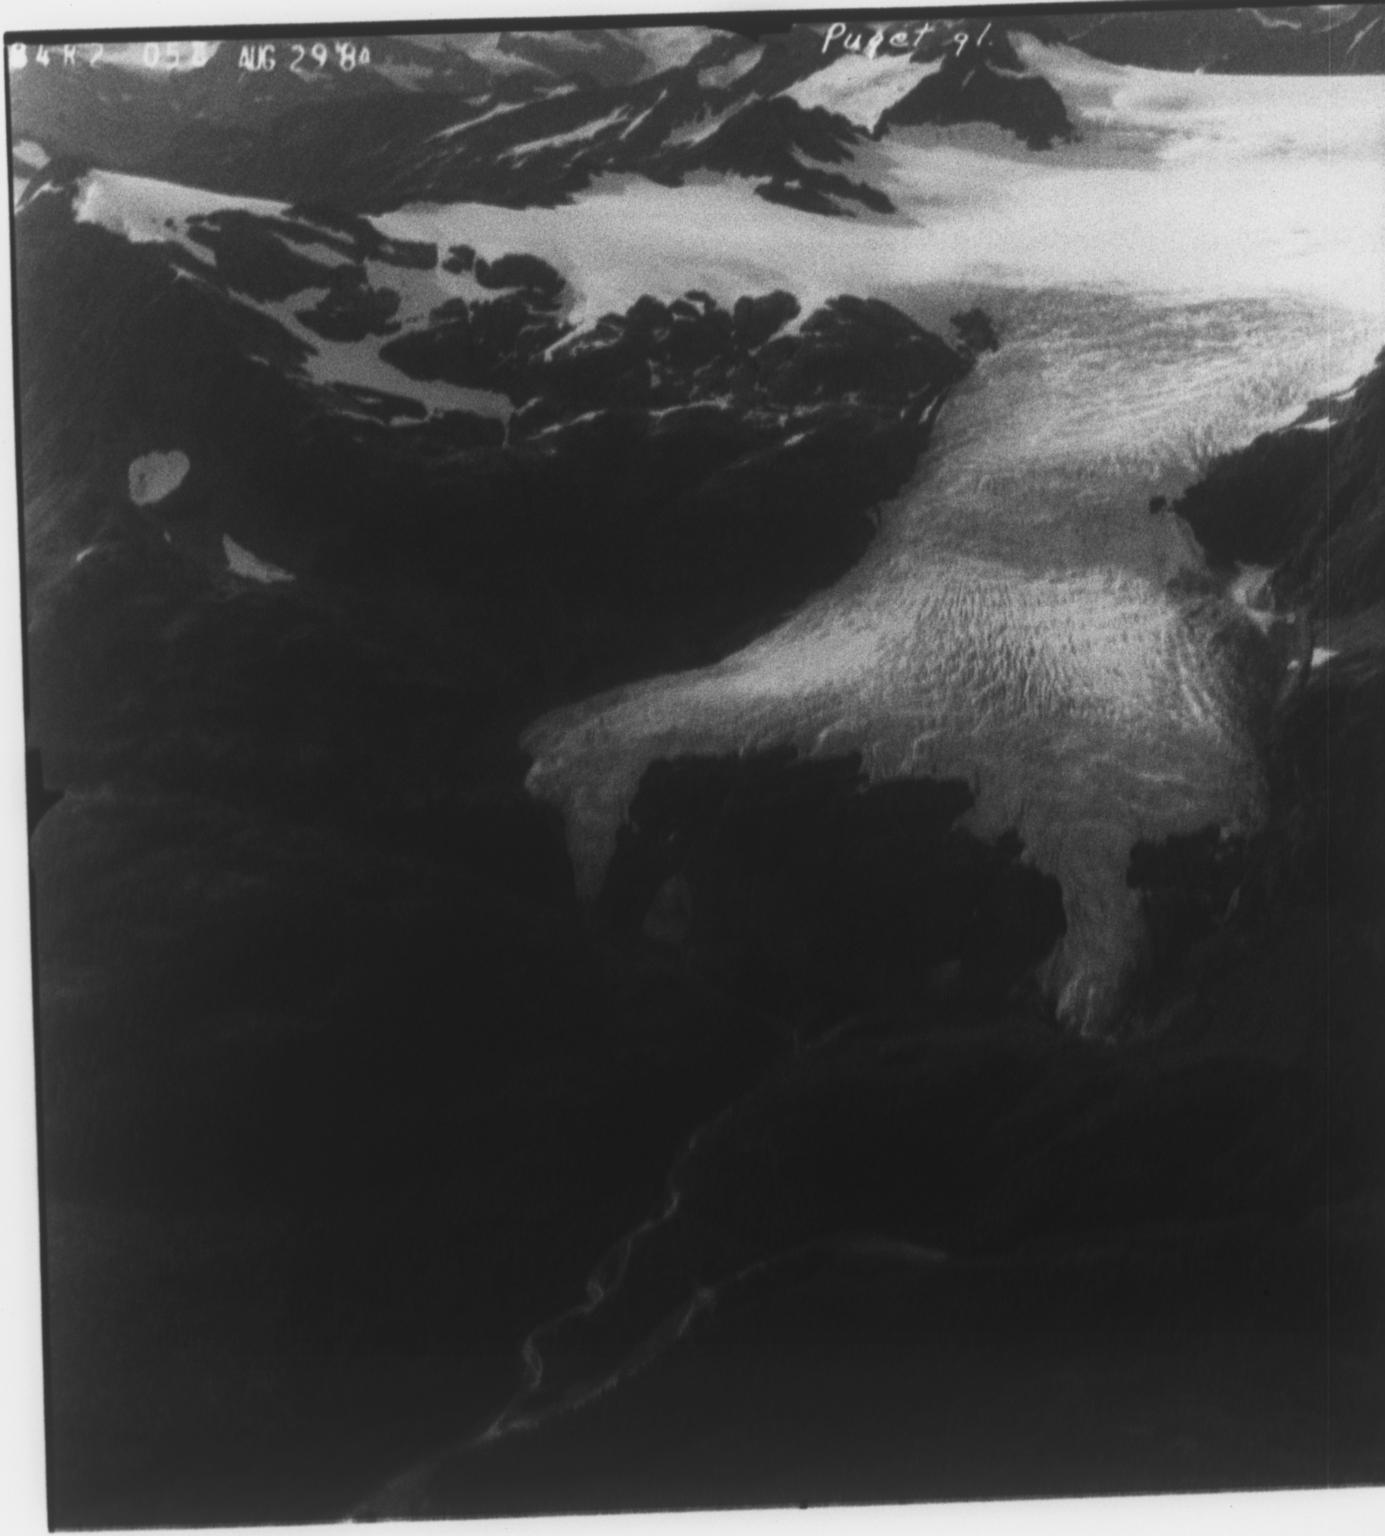 Puget Glacier, Alaska, United States